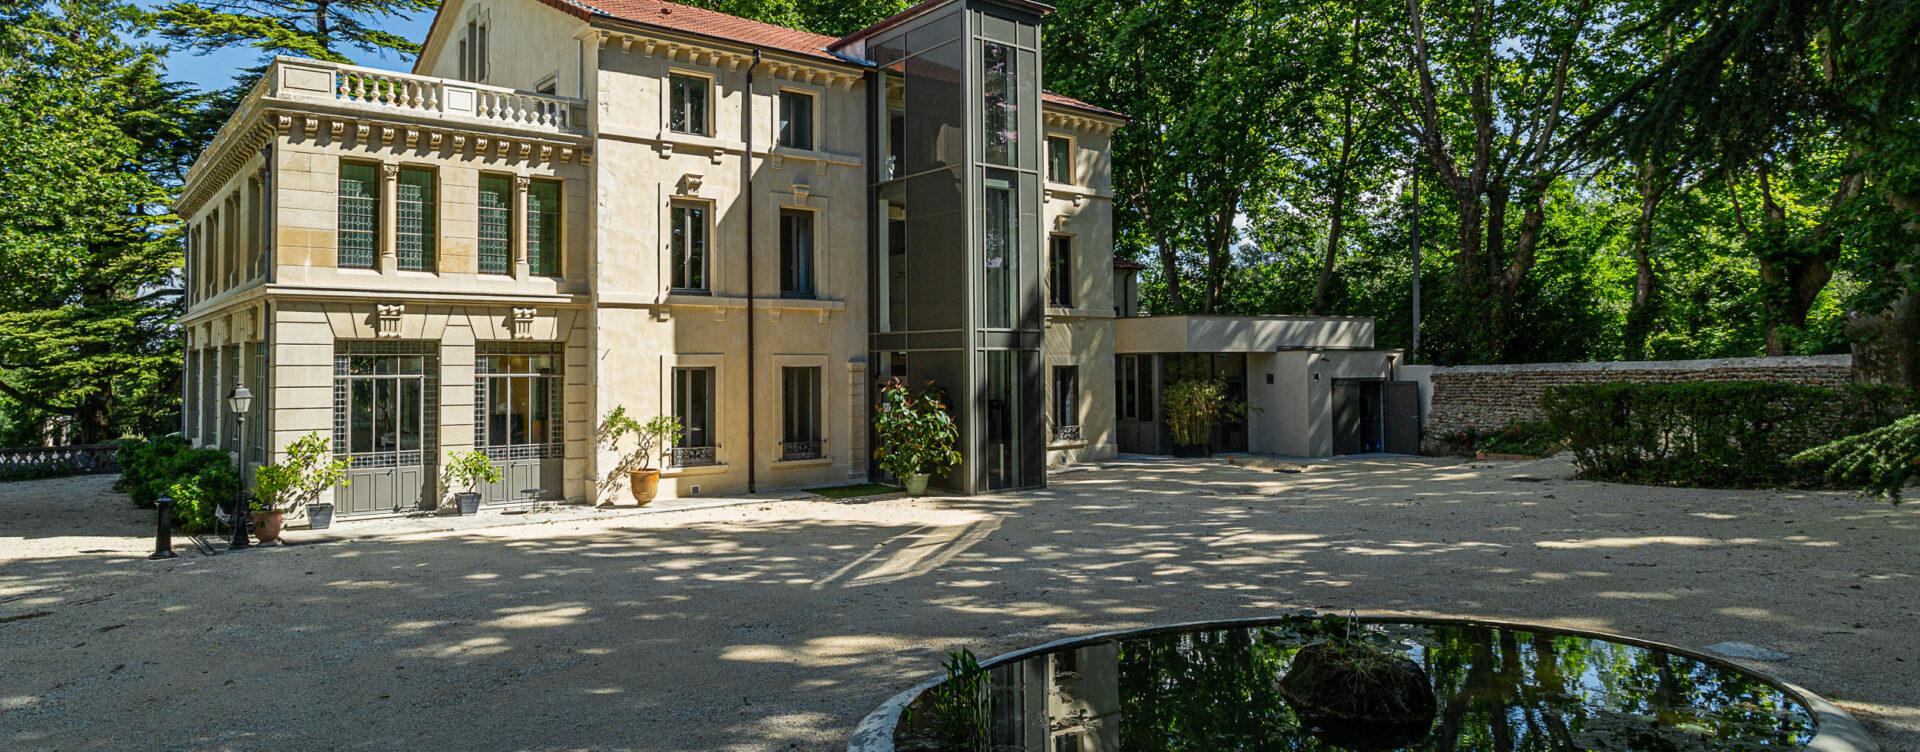 façade sur Manoir le Roure hôtel de charme drôme provençale